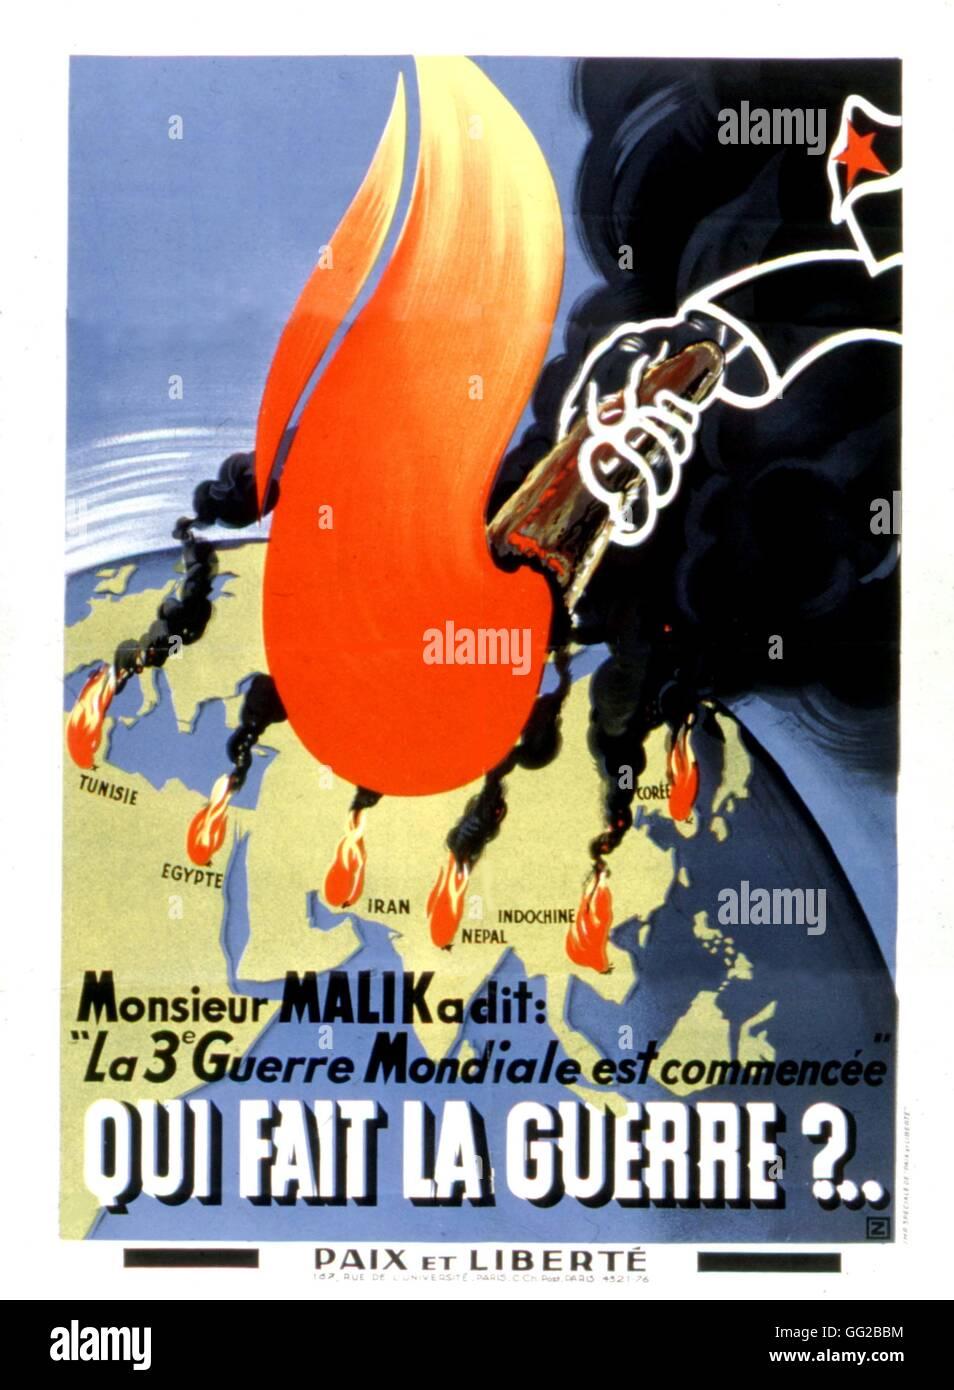 """Poster du mouvement """"Paix et liberté"""". Au cours de la propagande anticommuniste et antisoviet Guerre Photo Stock"""